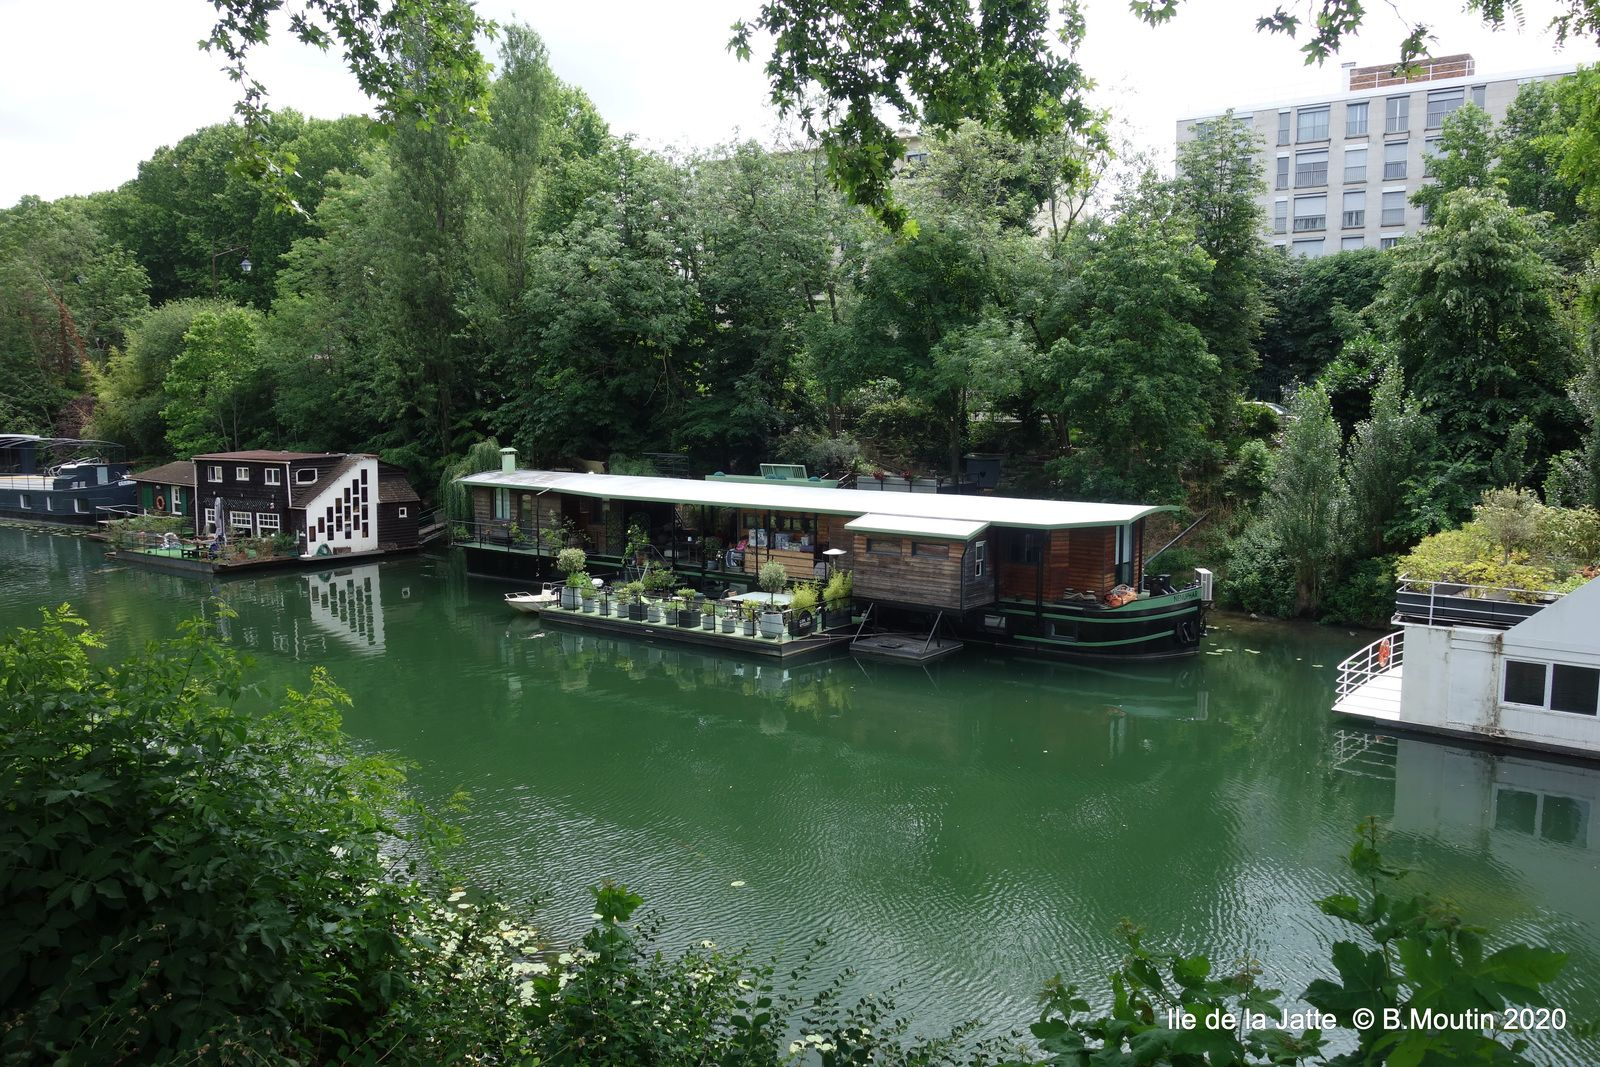 Les péniches sur la Seine à Paris (6 photos)